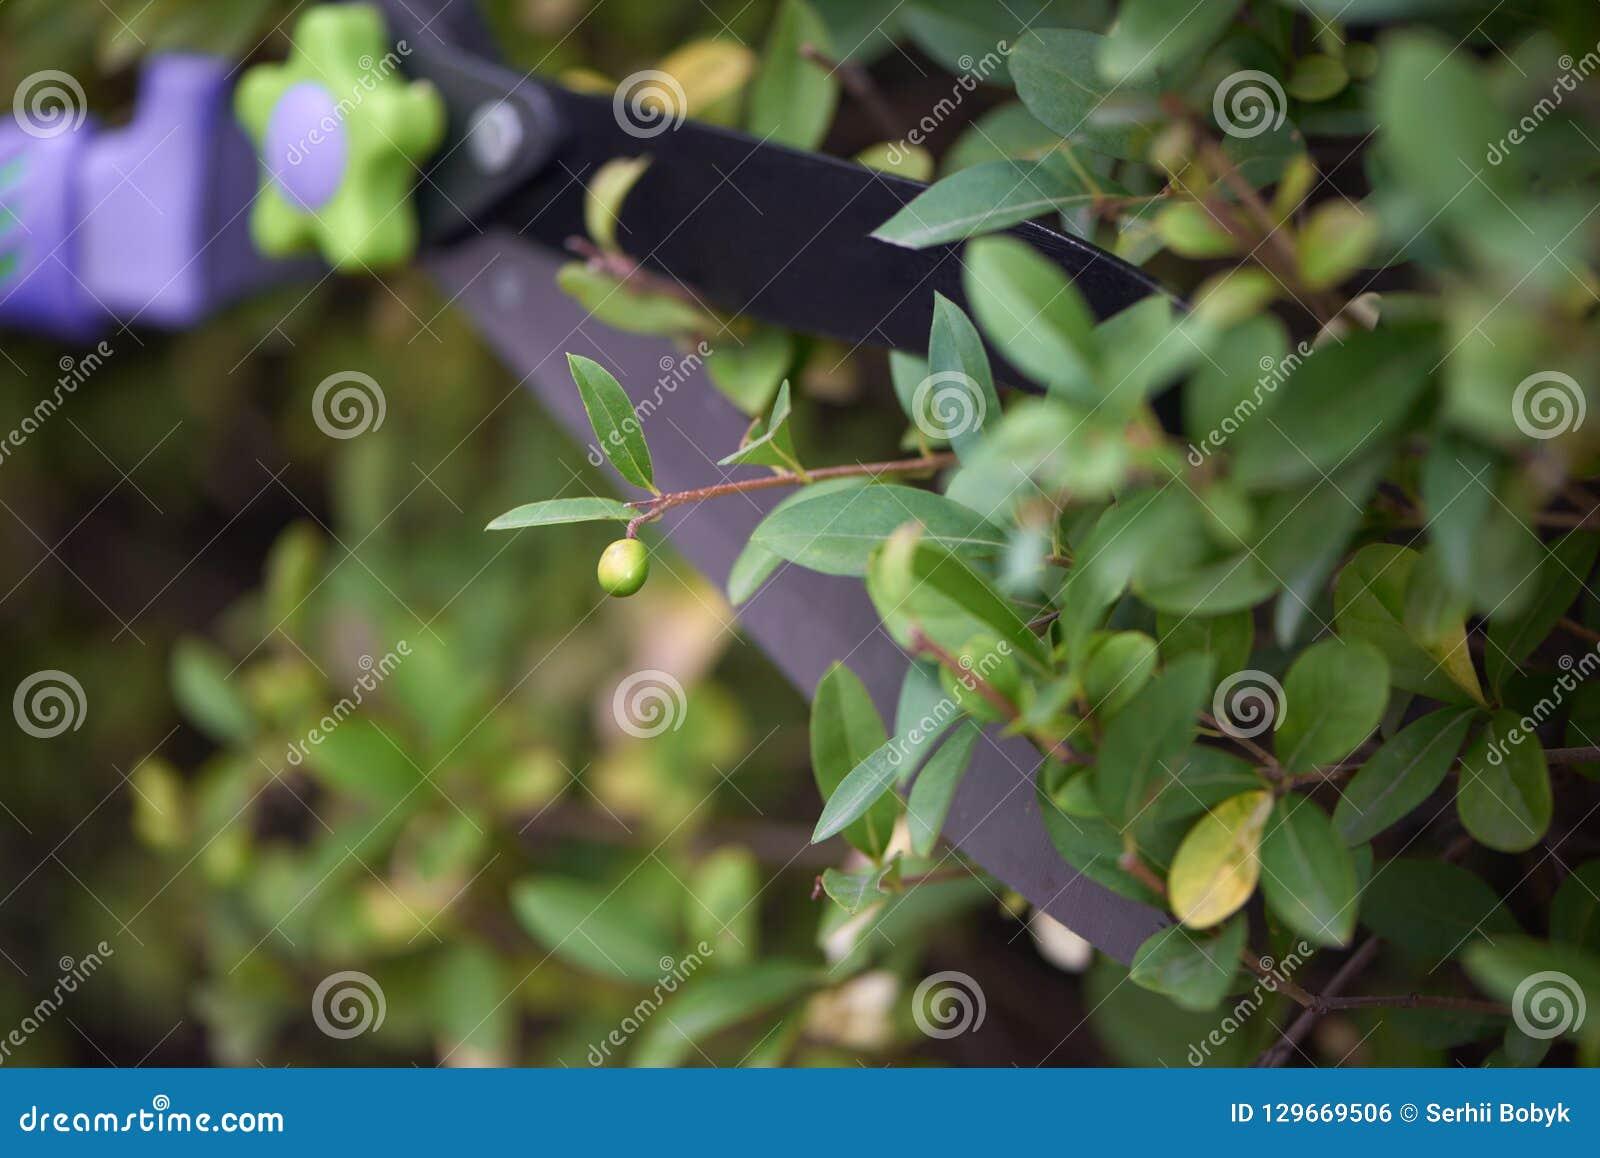 Cuchilla de las tijeras del jardín que cortan la pequeña baya